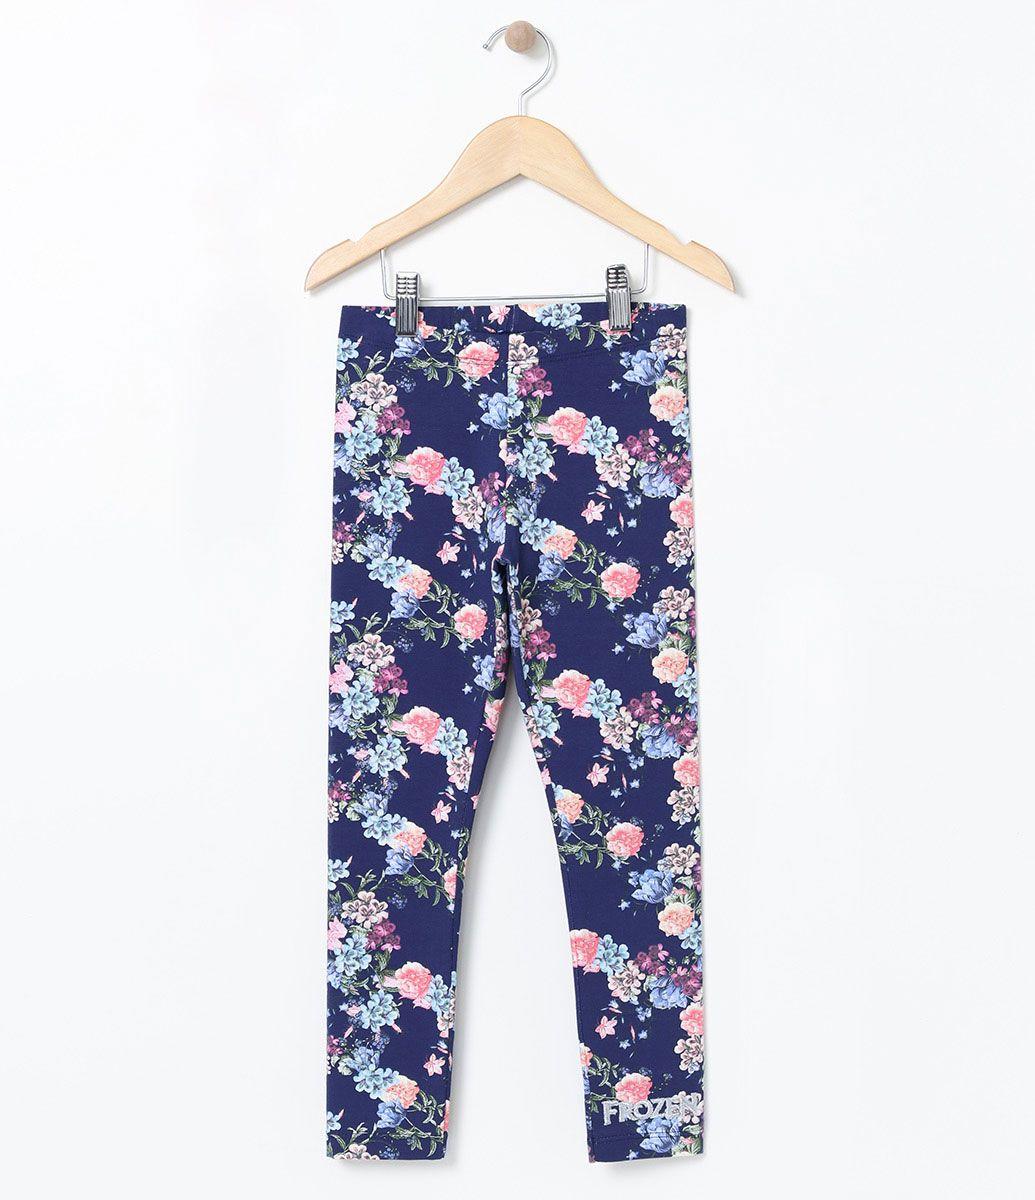 afaa1b8233 Calça infantil Modelo legging Com estampa Marca  Frozen Tecido  cotton  COLEÇÃO VERÃO 2017 Veja